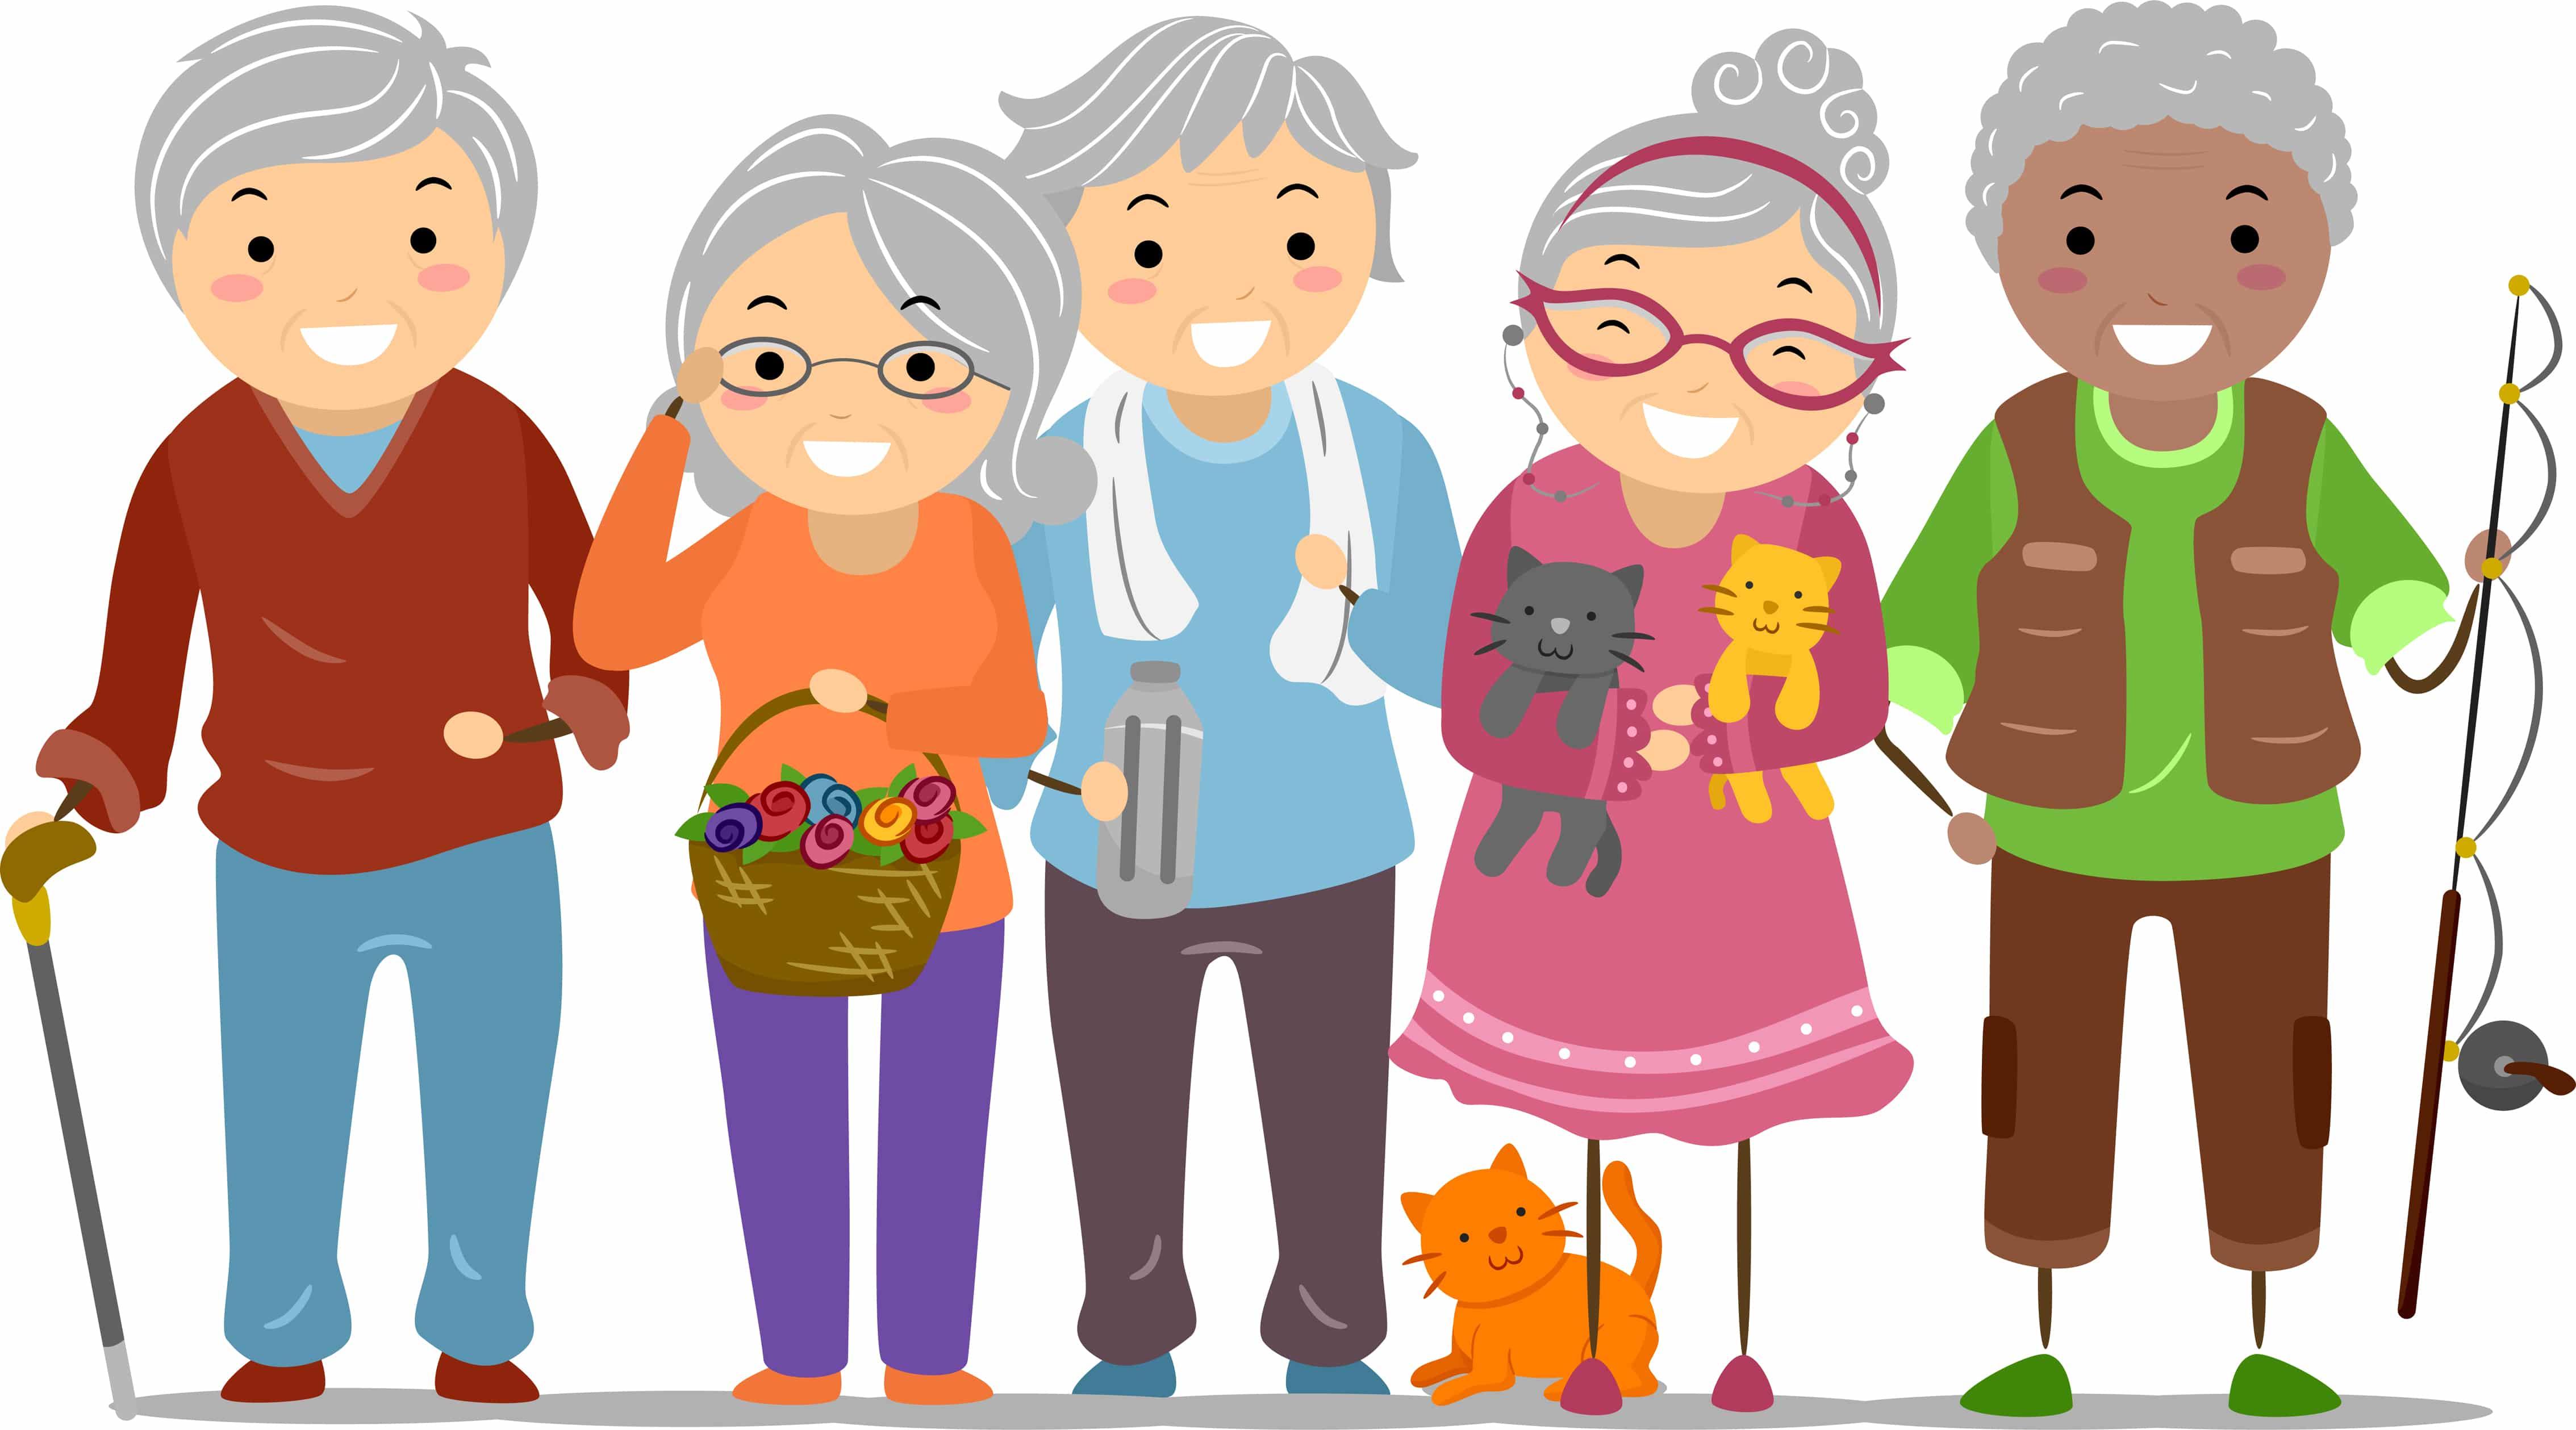 Super Quels choix possibles pour l'hébergement des personnes âgées  IZ54